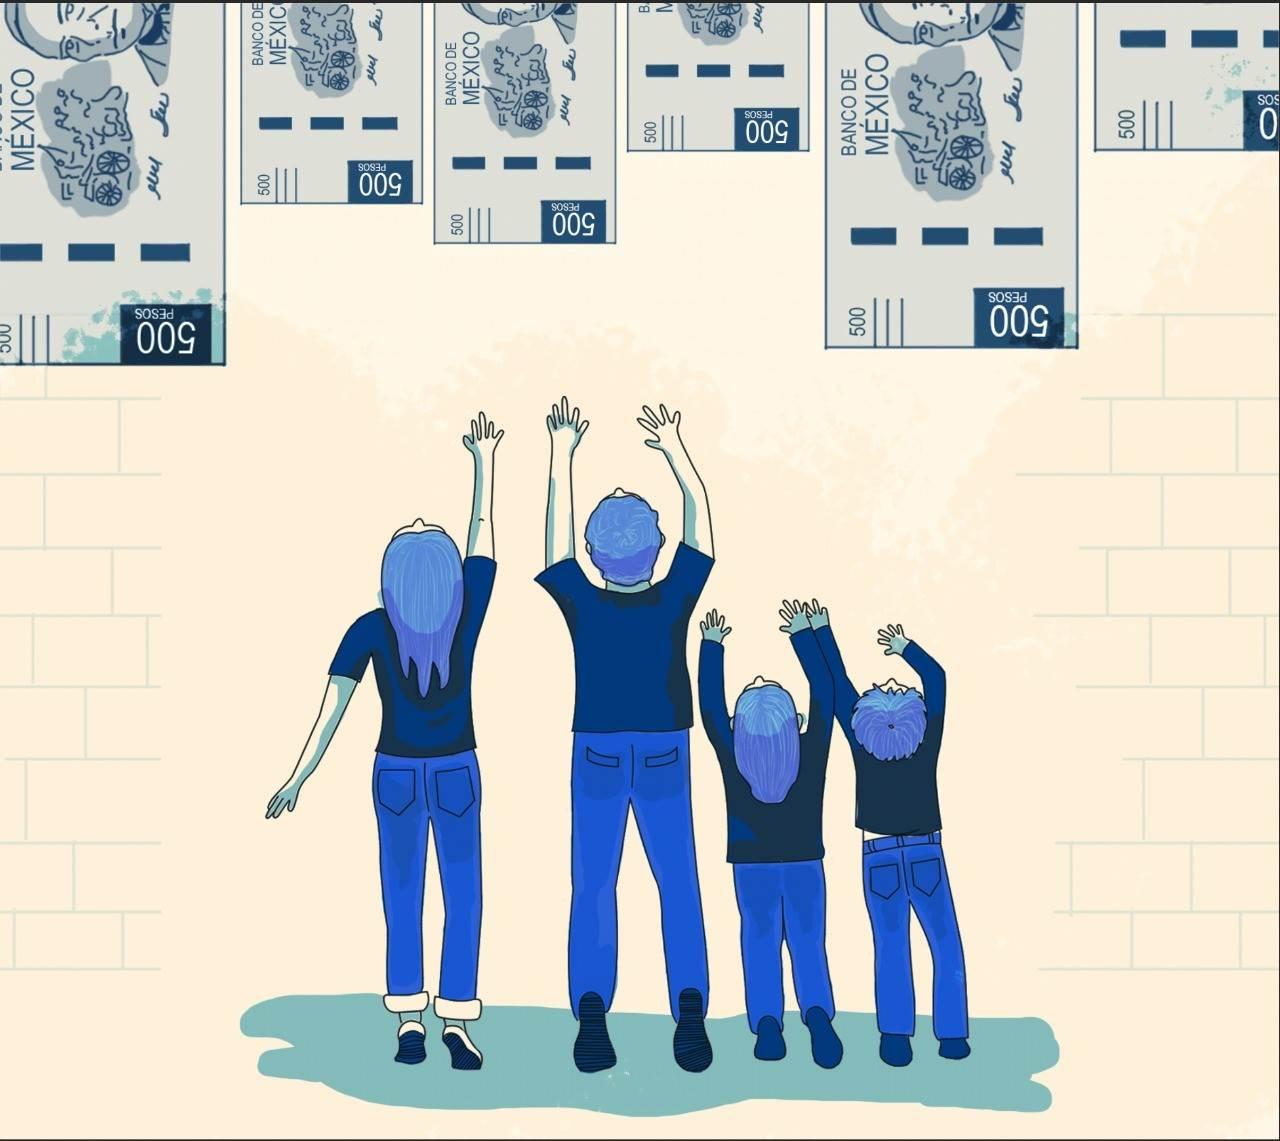 Un total de 4 millones 634 mil 100 personas en Puebla no tienen ingresos para comprar una canasta básica de alimentos, según el Coneval. Ilustración: Valeria Bautista